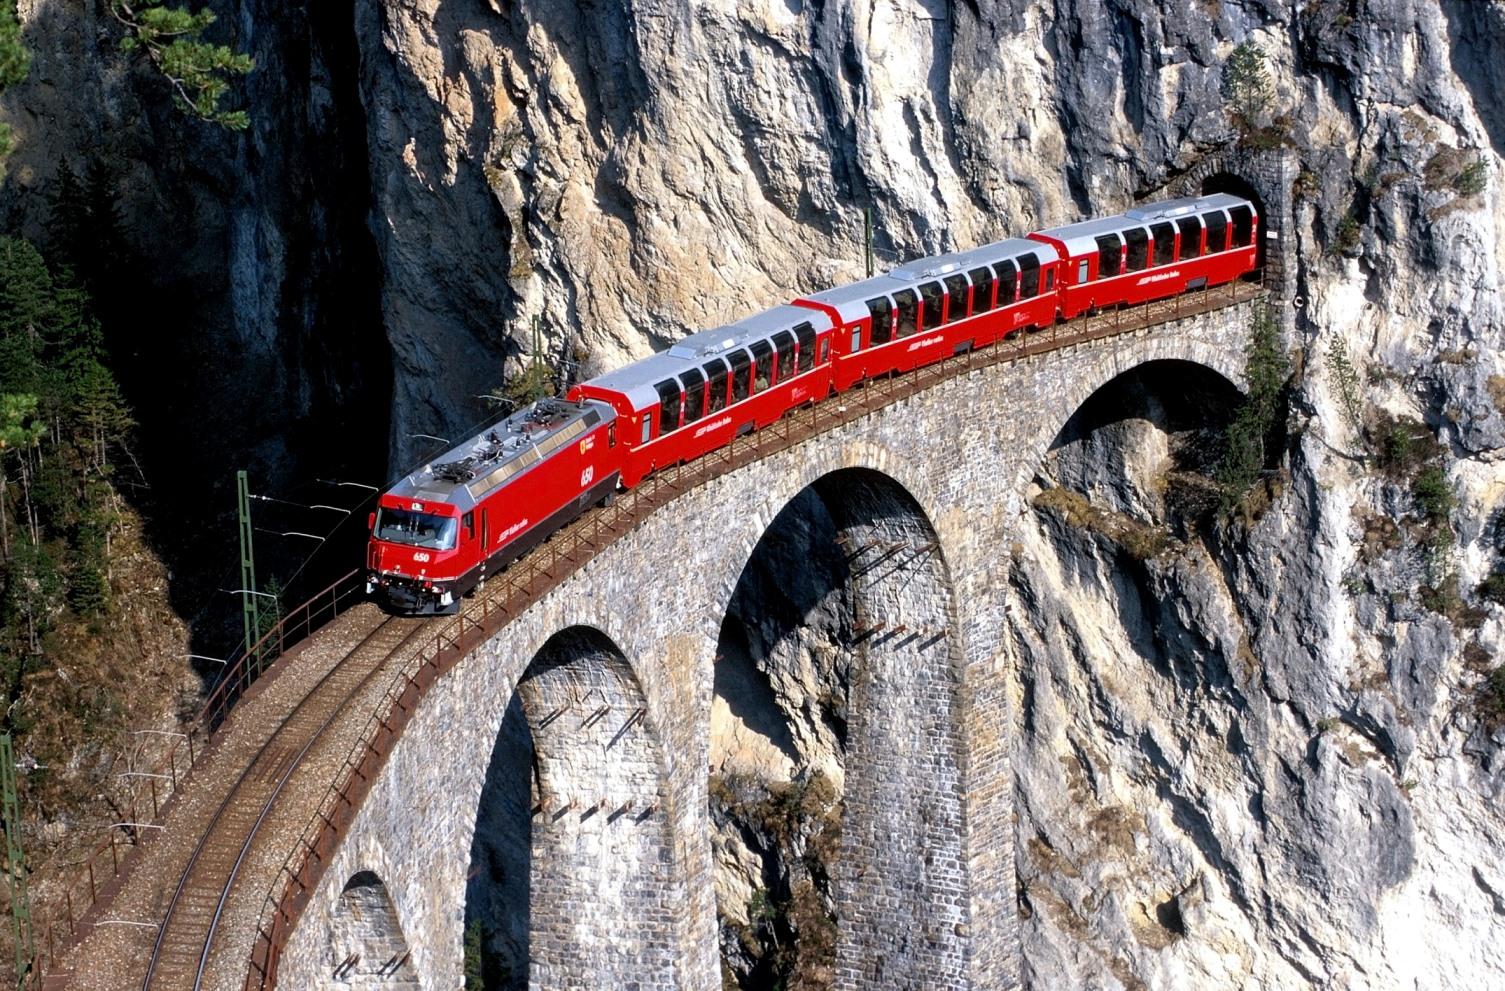 Rhaetische BahnBerninaExpress Foto: Rhaetische Bahn